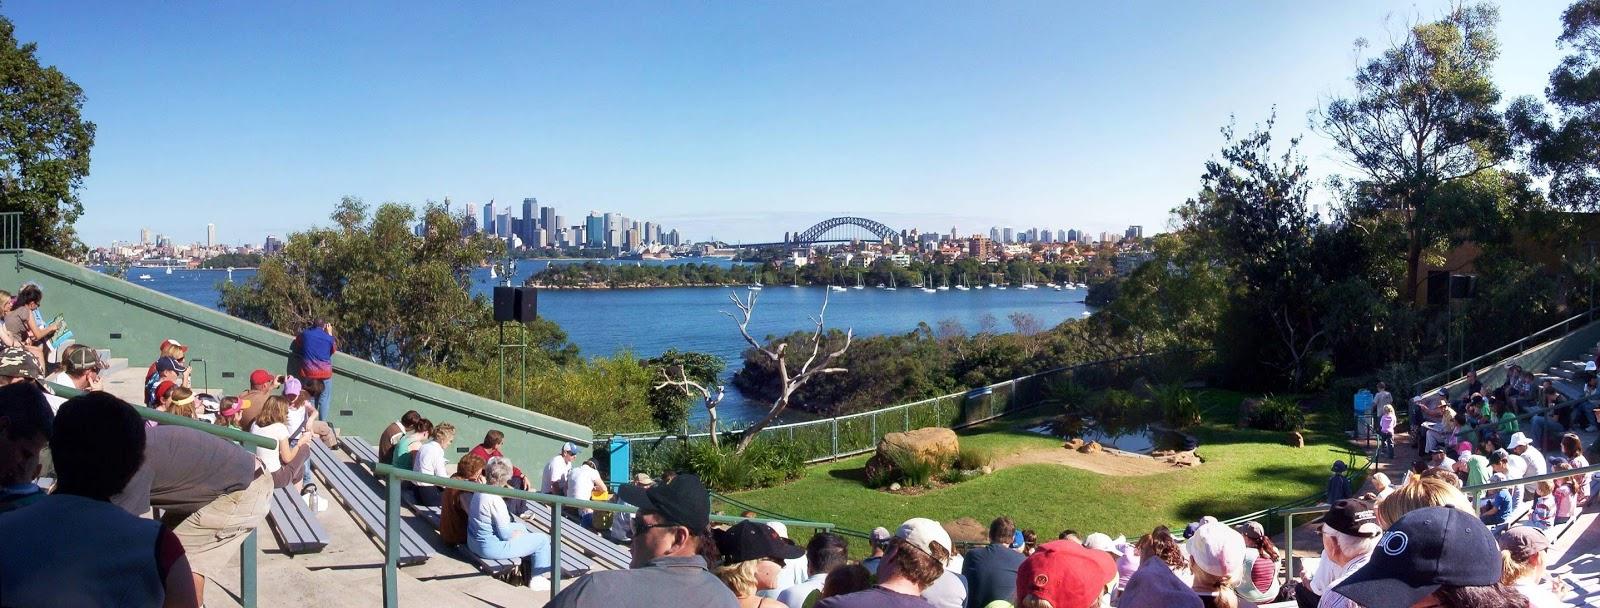 雪梨-景點-推薦-塔龍加動物園-旅遊-自由行-澳洲-Sydney-Taronga-Zoo-Travel-Australia